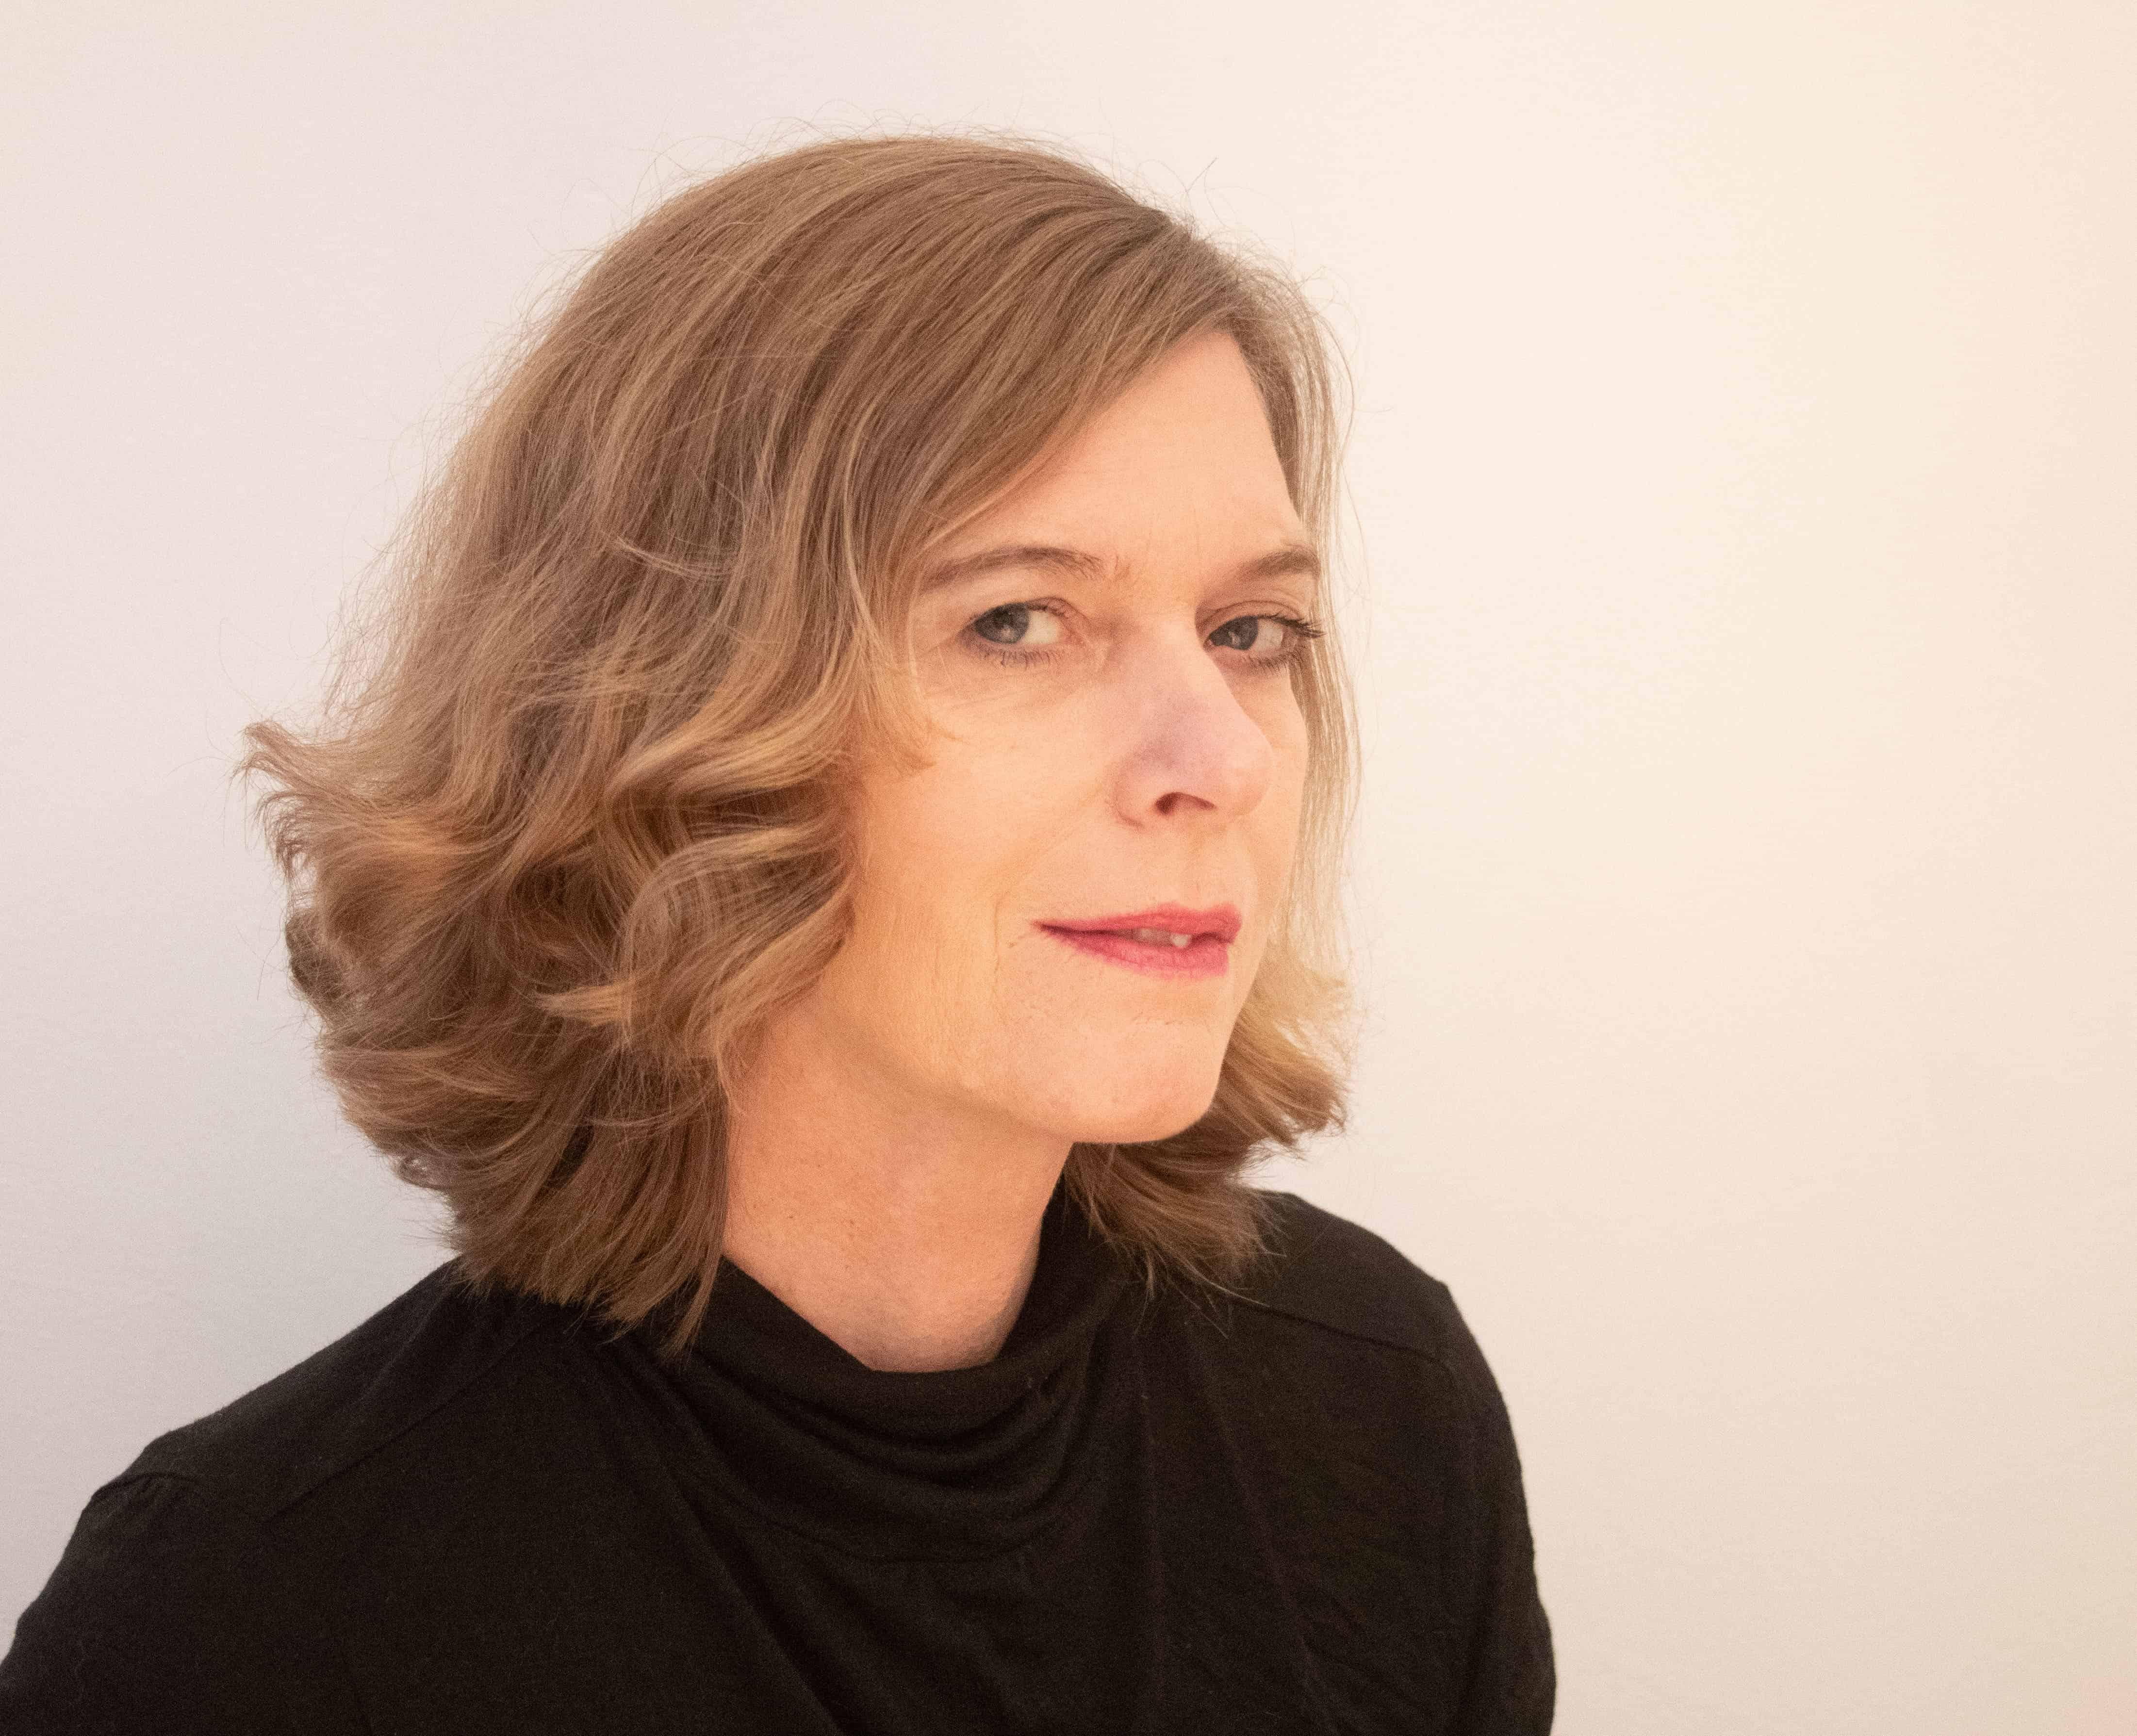 Nathalie Heinke